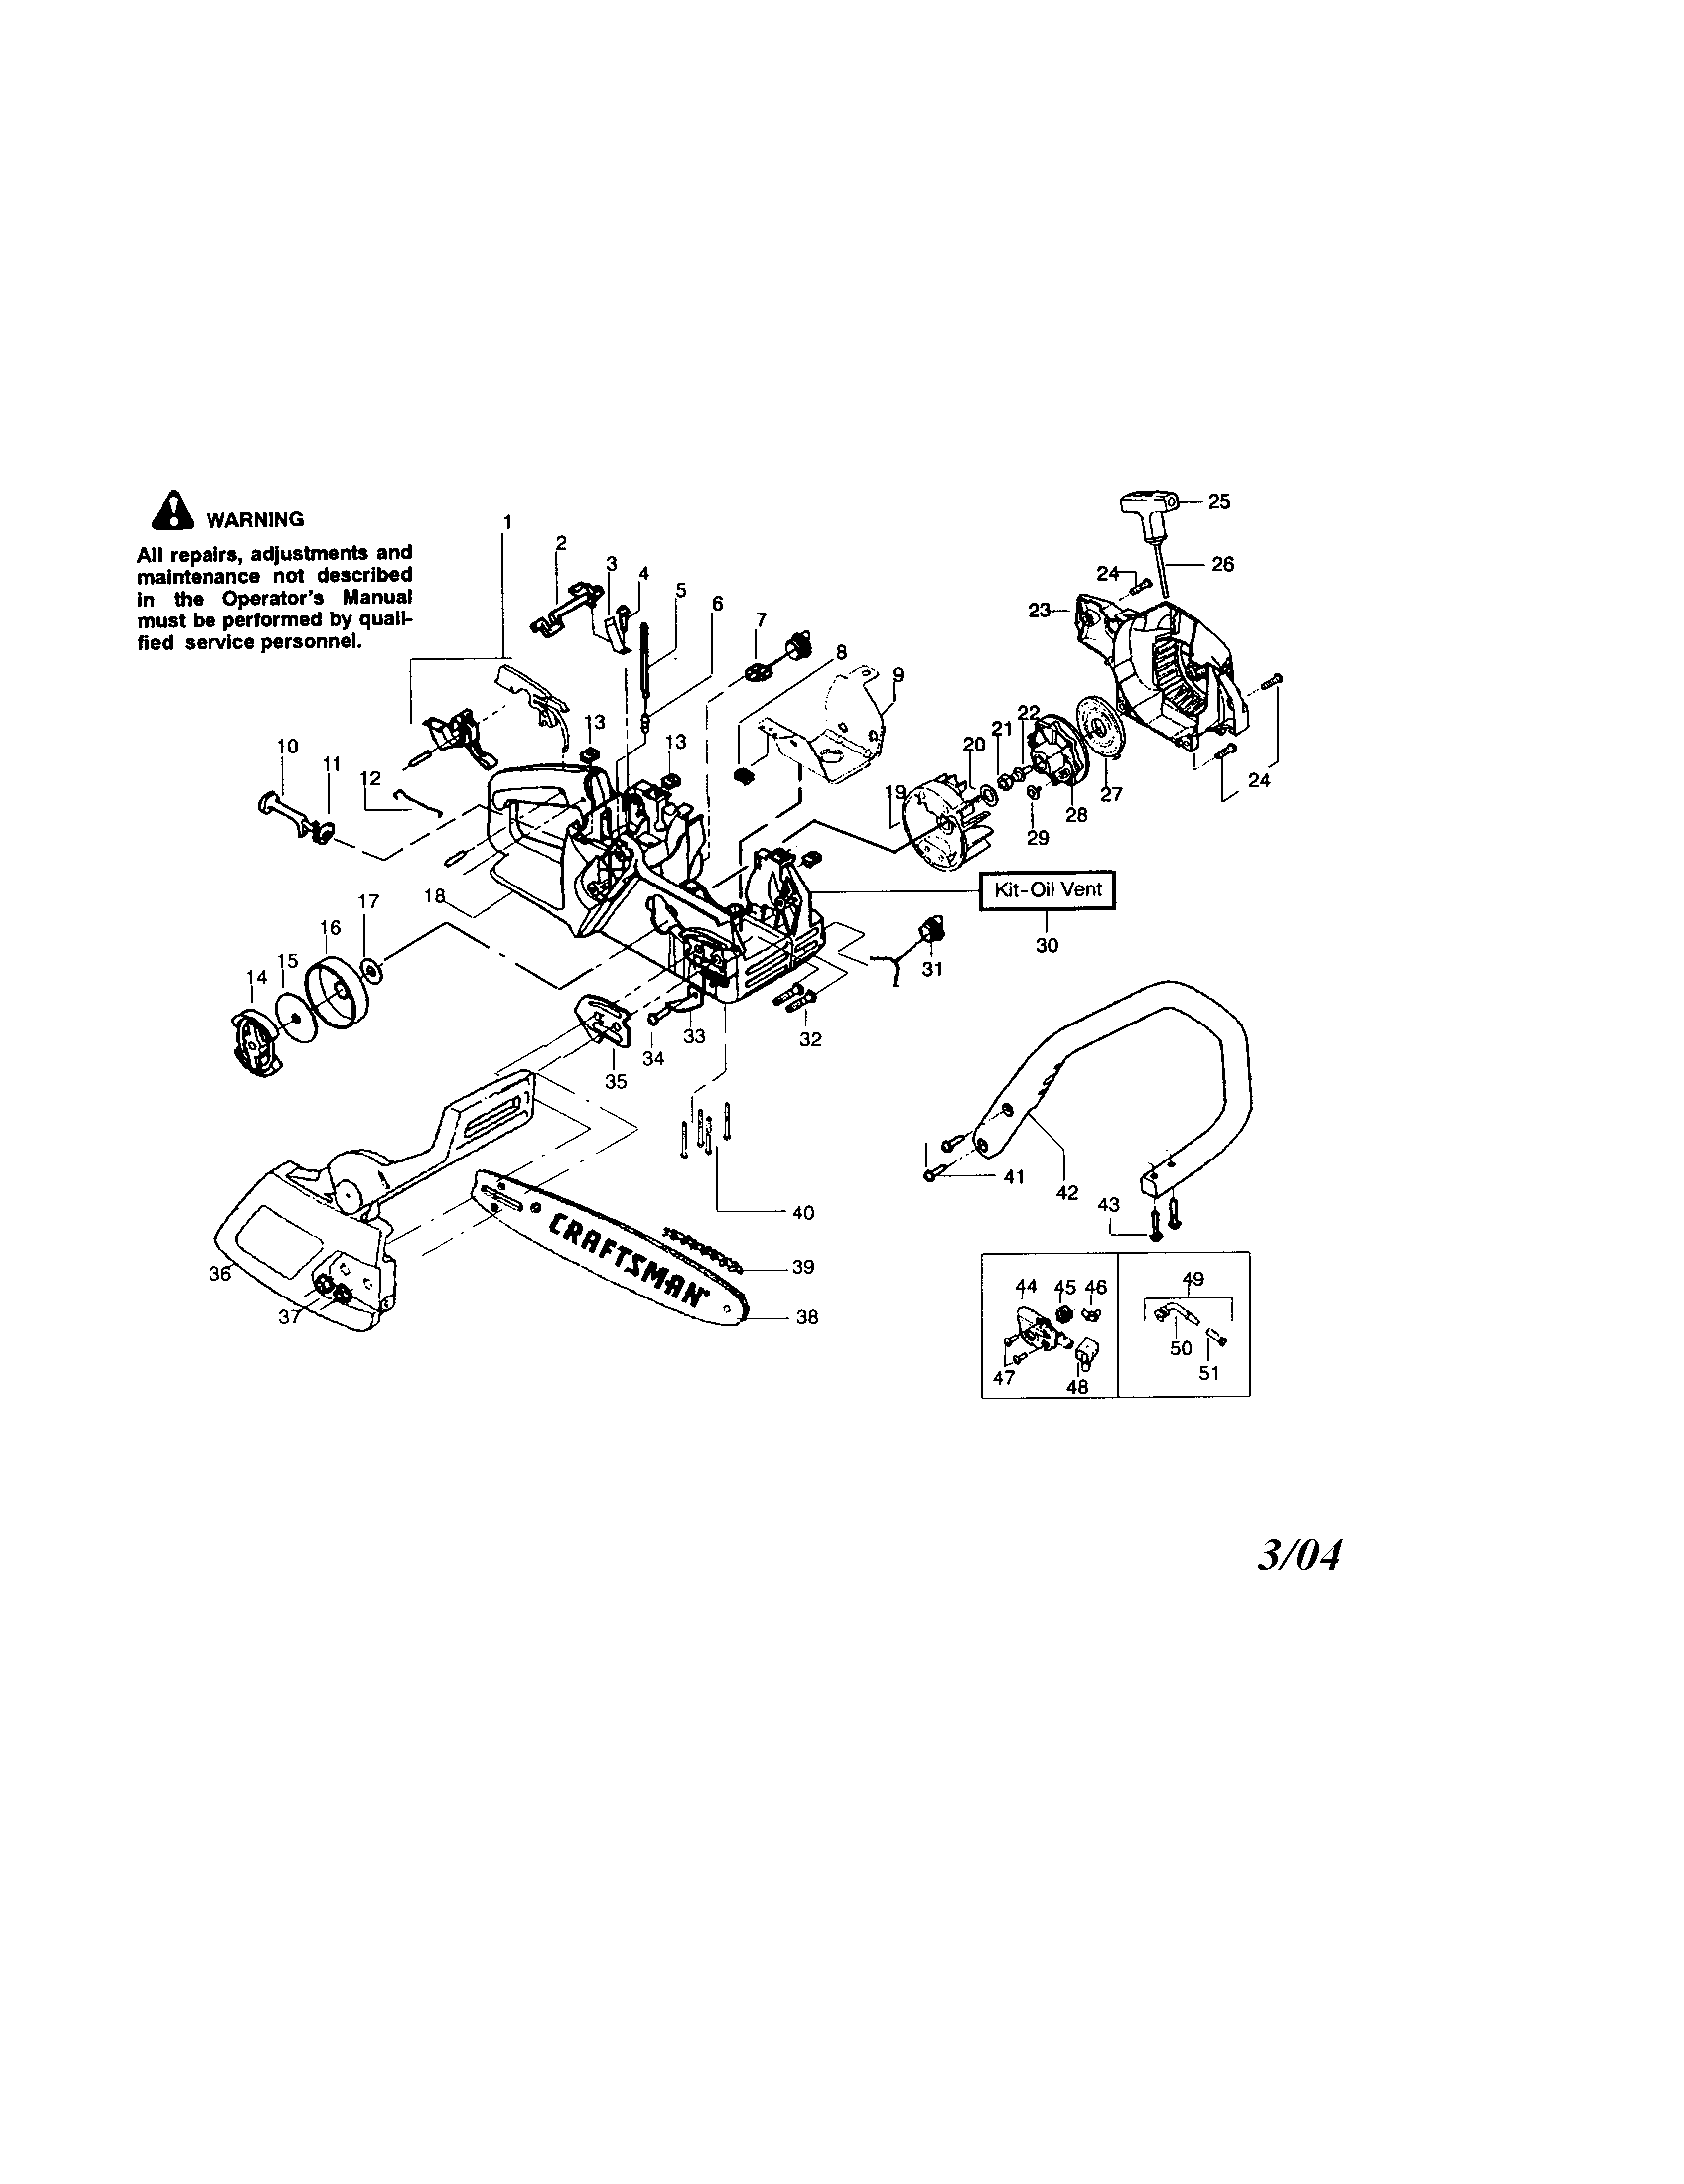 Craftsman model 358350660 chainsaw, gas genuine parts